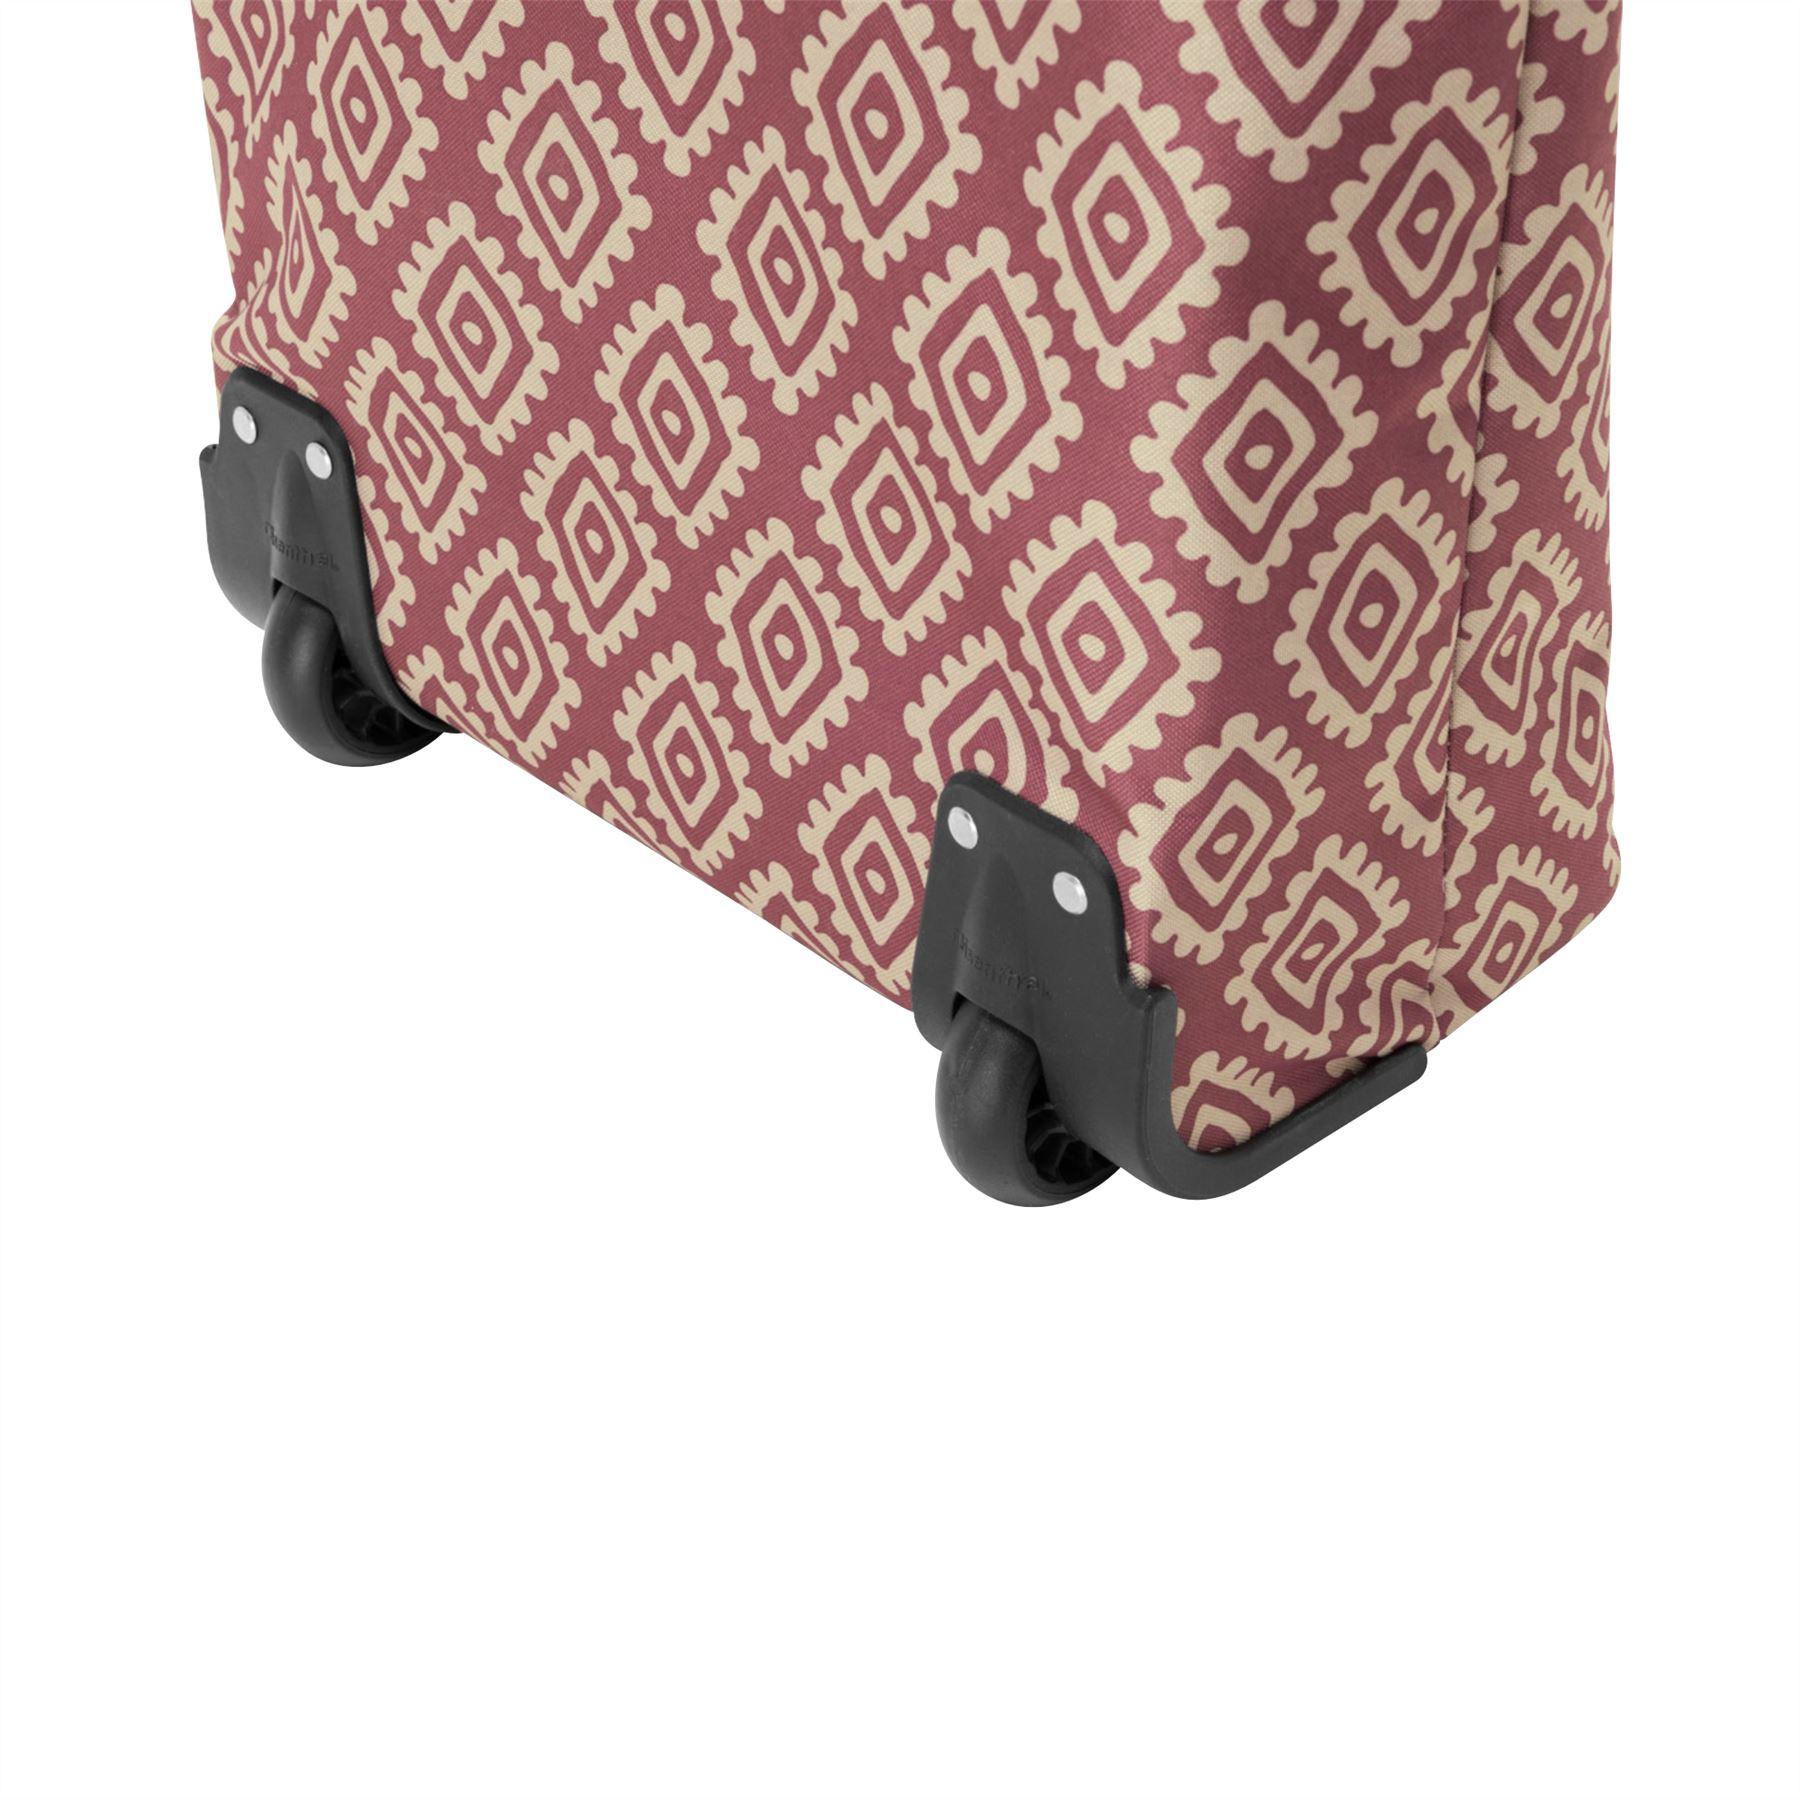 Das Beste Reisenthel Trolley M Artist Stripes Reisetrolley Einkaufs Roller Tasche 43 L Möbel & Wohnen